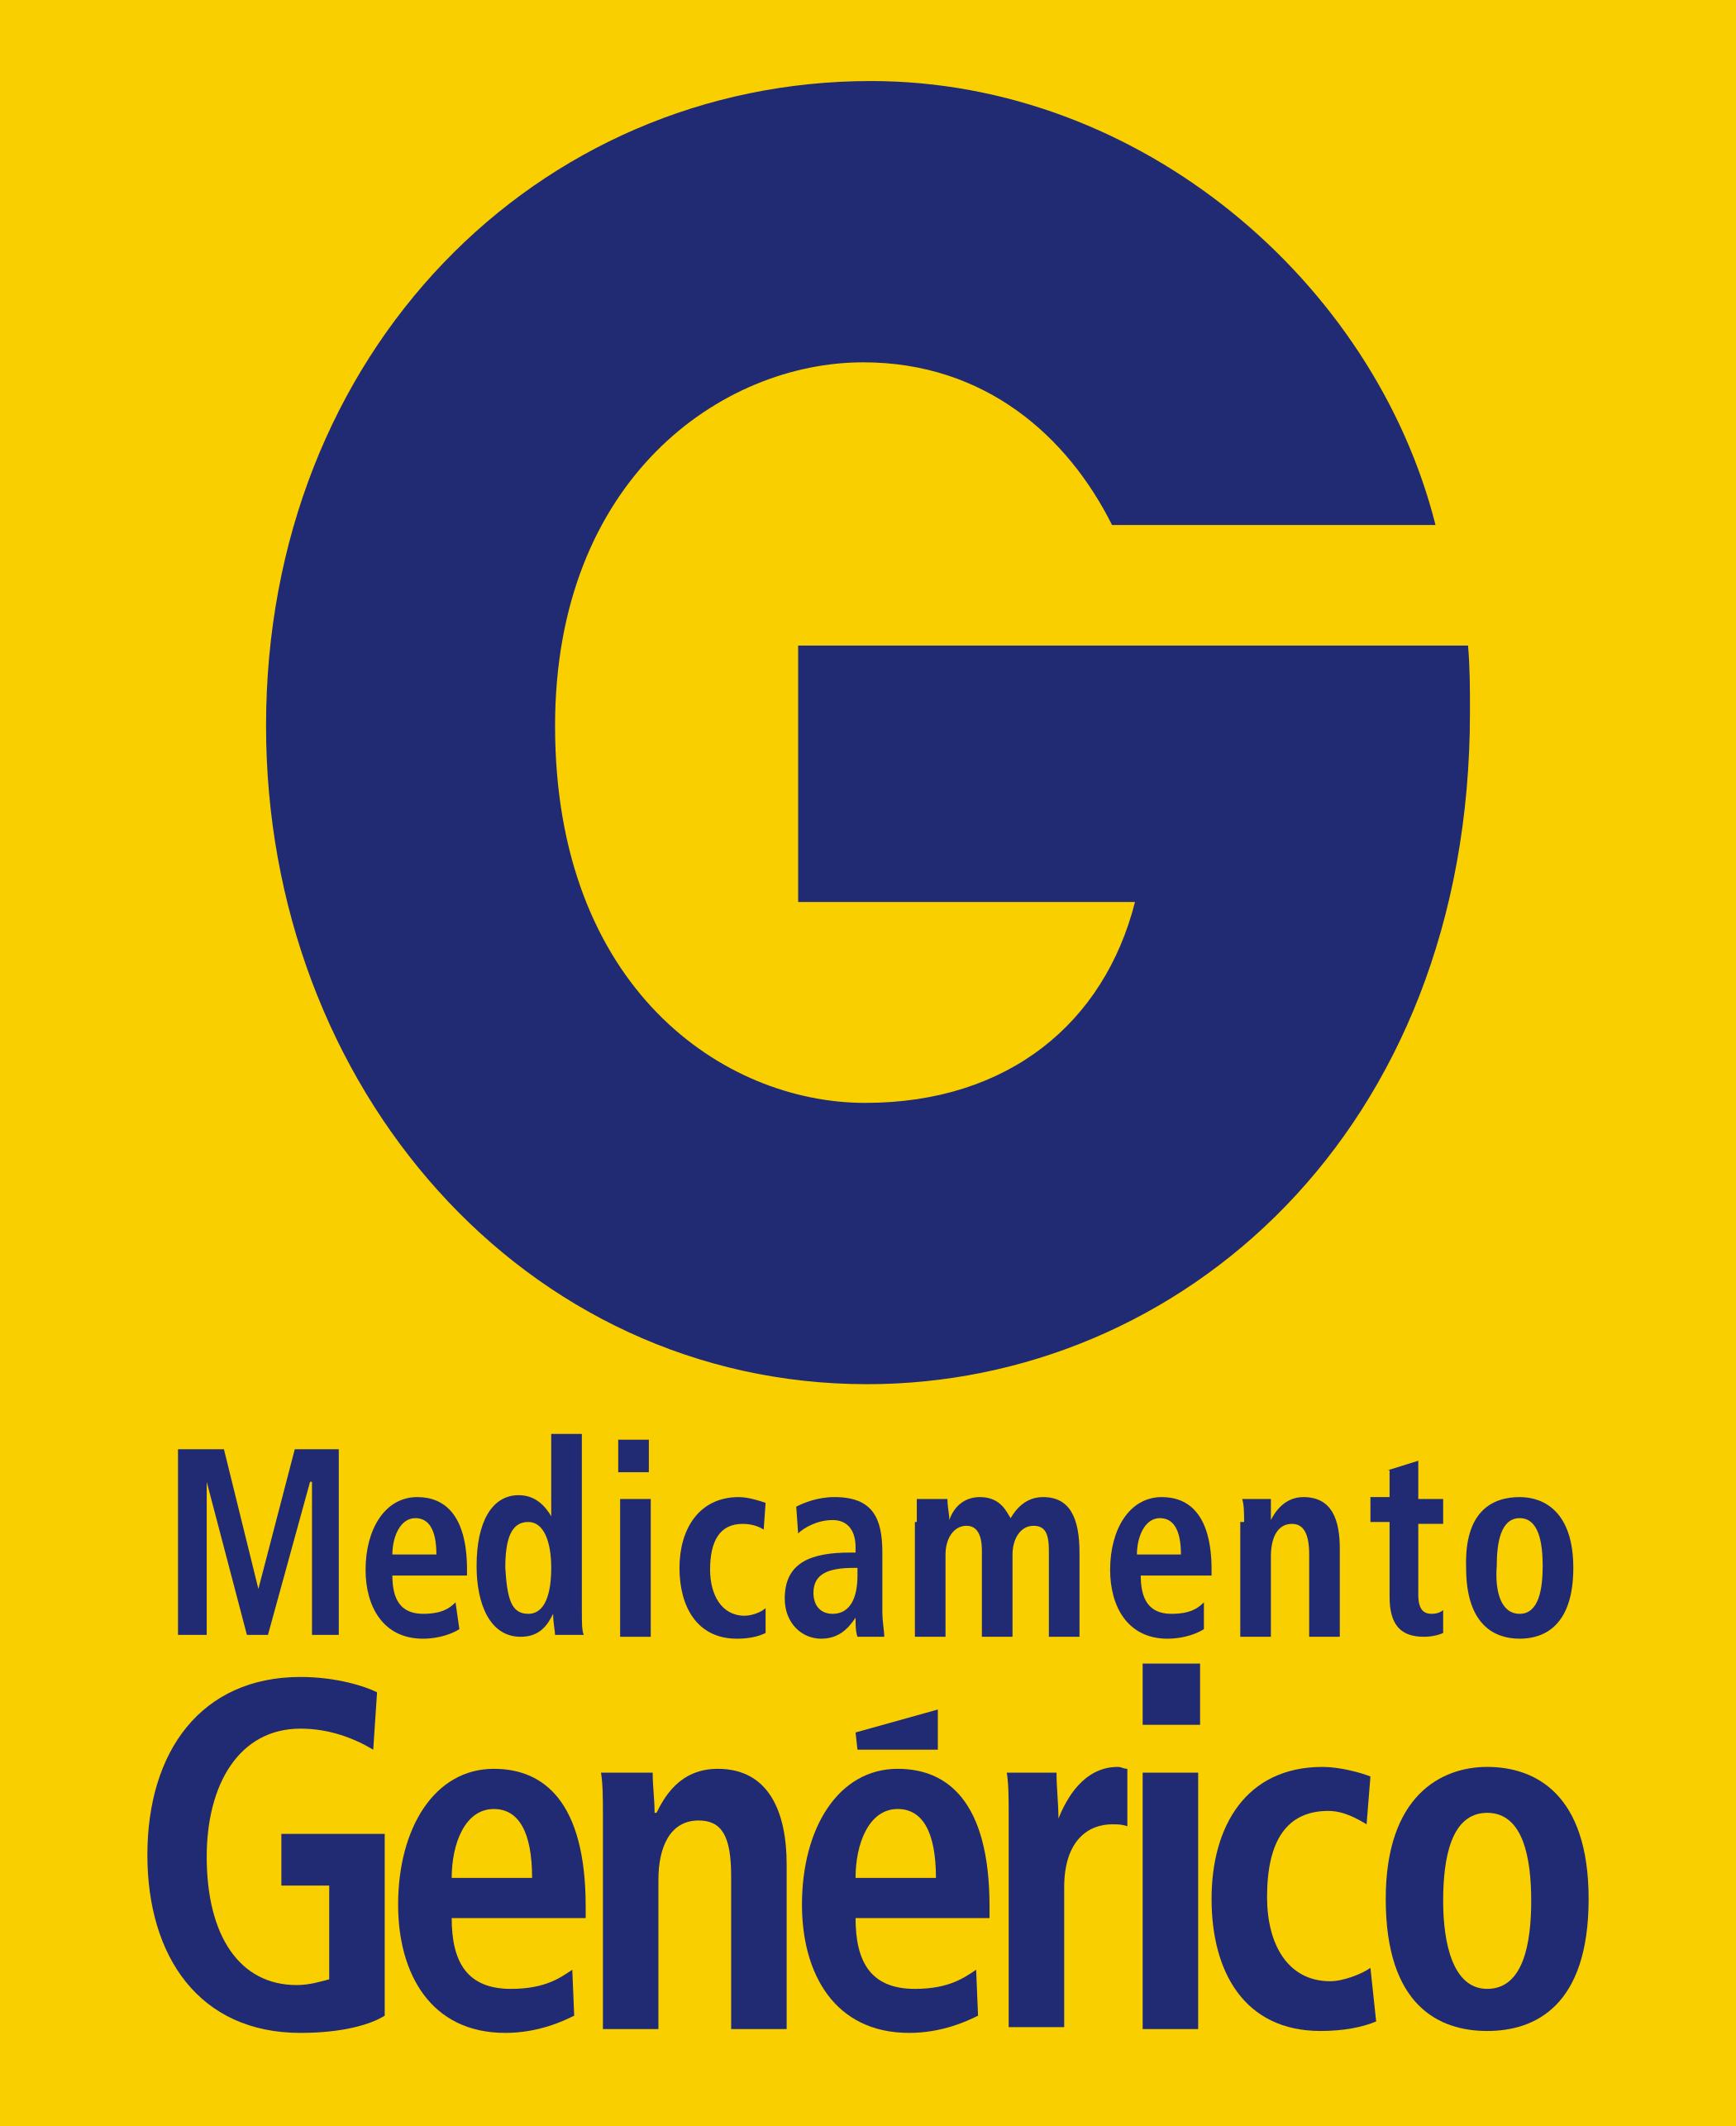 medicamento generico logo 4 - Genérico Logo - Medicamento Genérico Logo